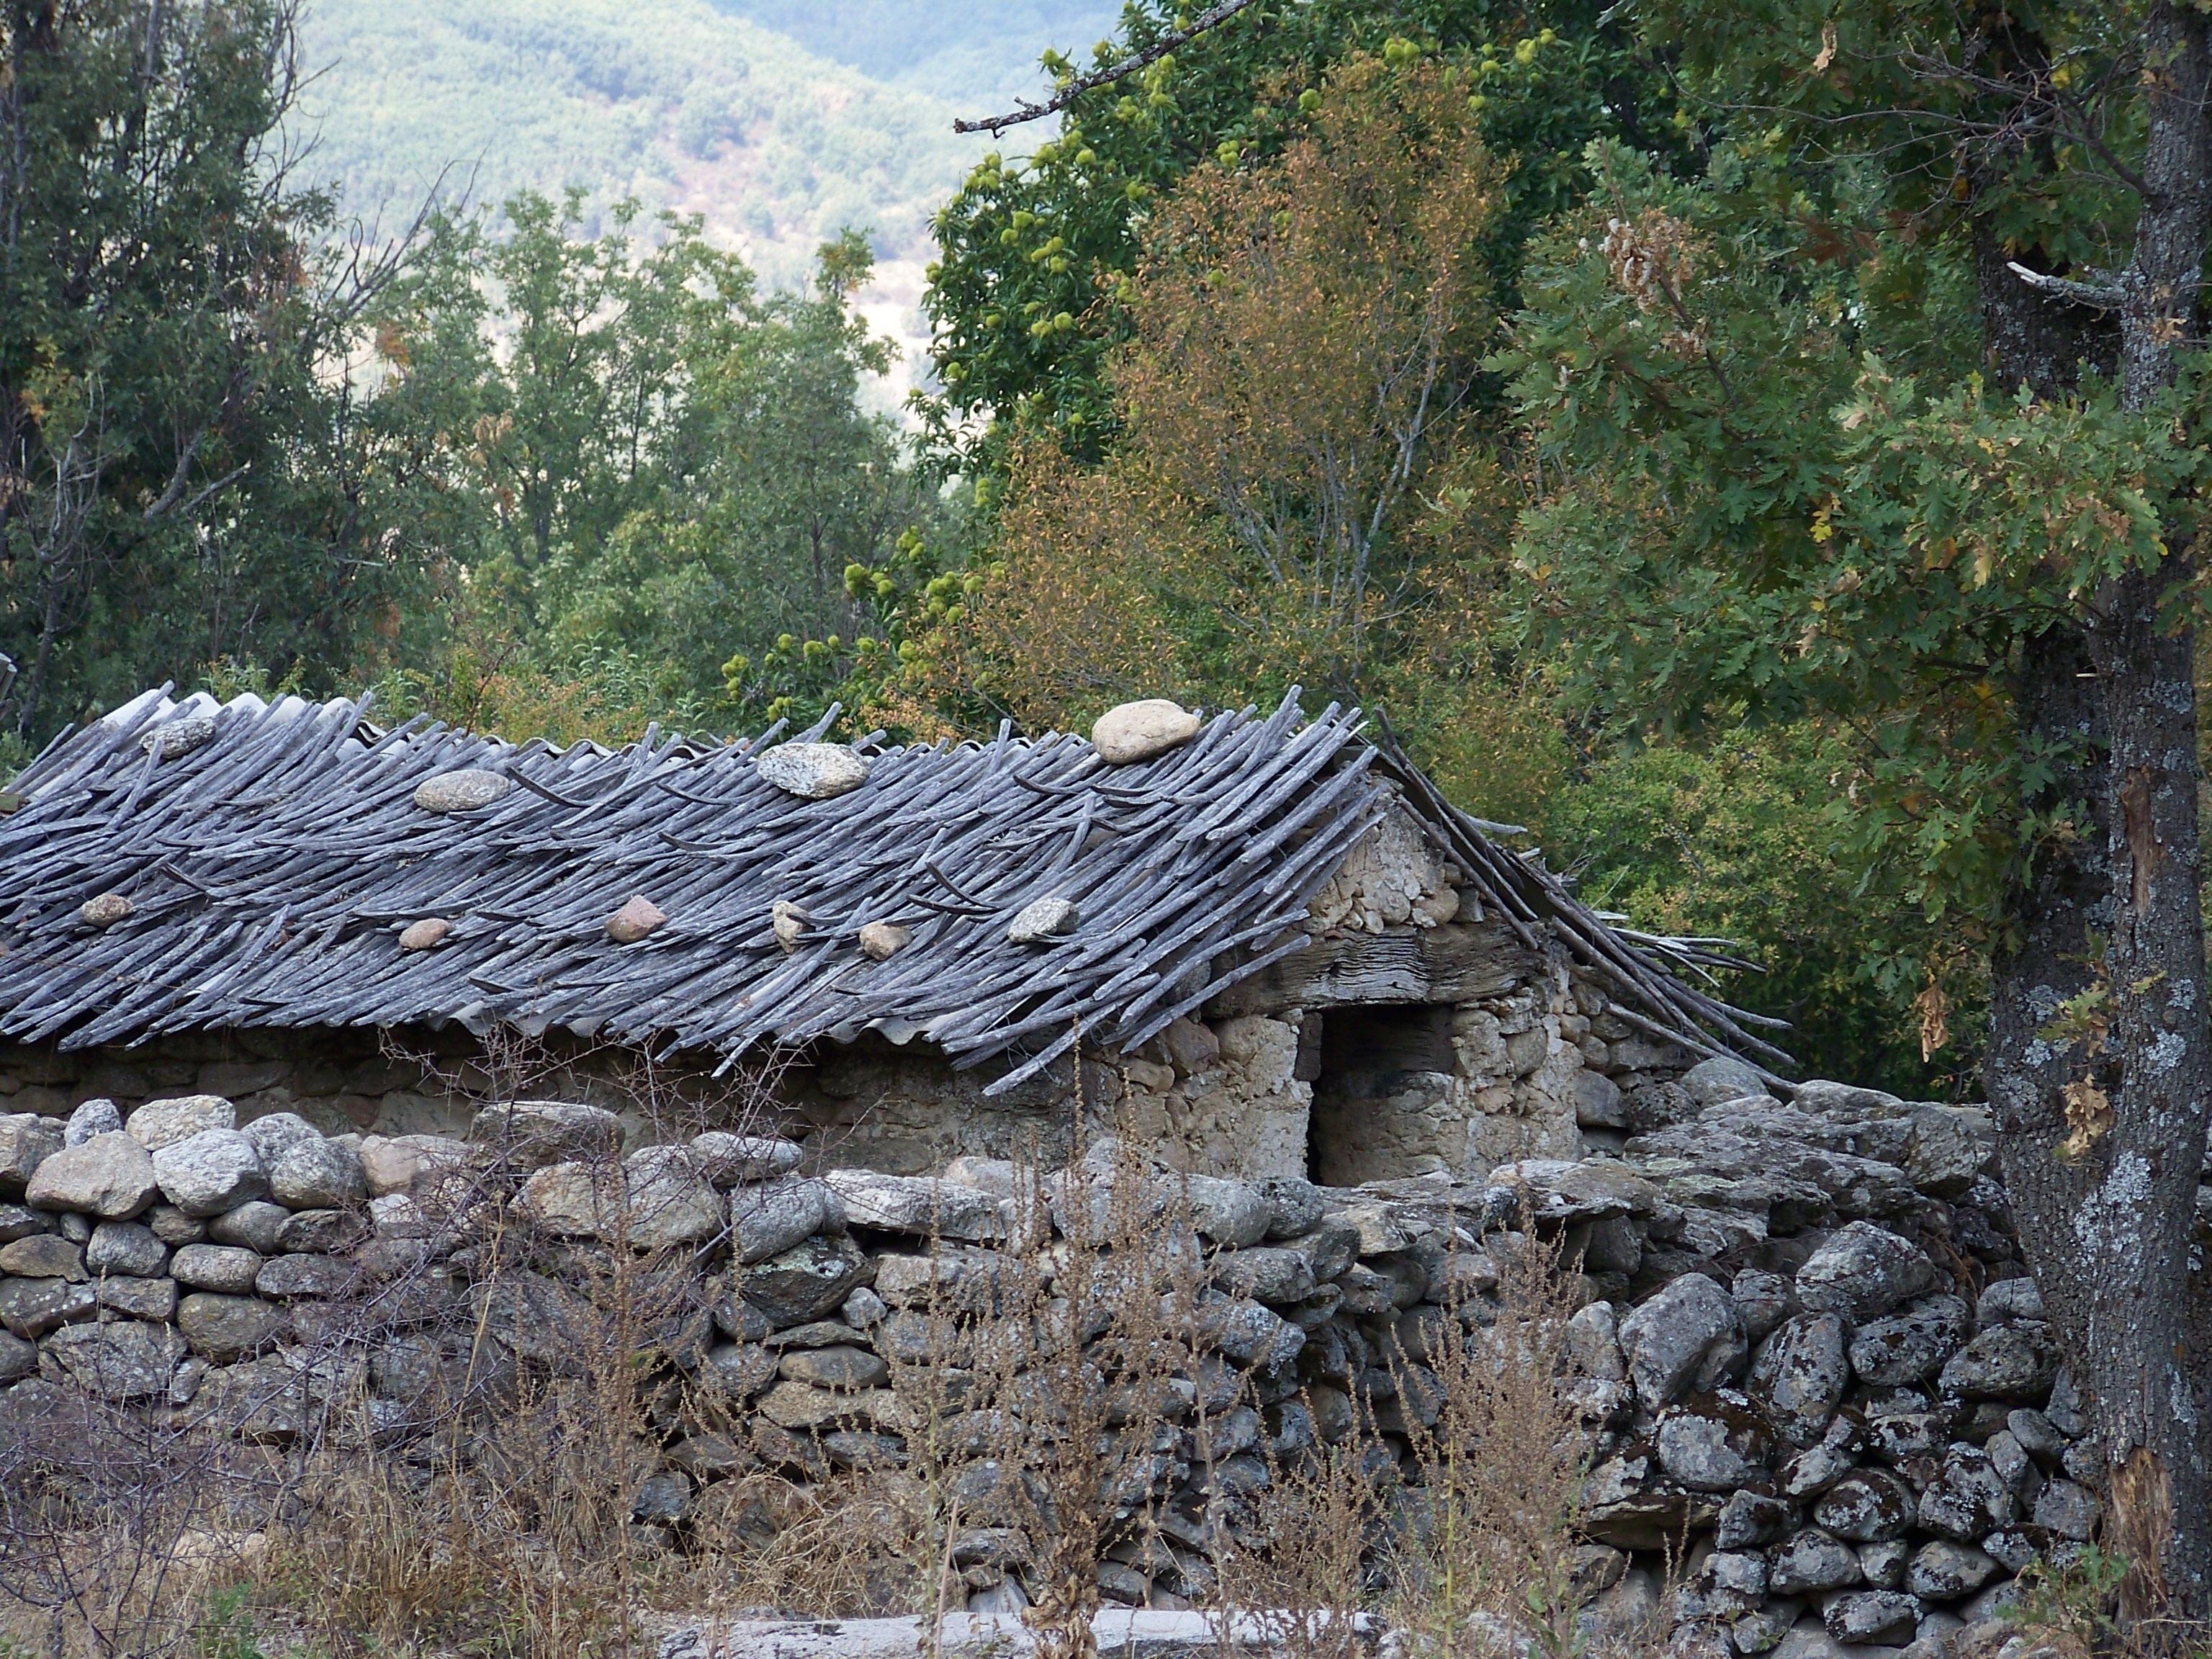 Images Gratuites Roche R Gion Sauvage Montagne Bois Campagne Maison B Timent Vieux